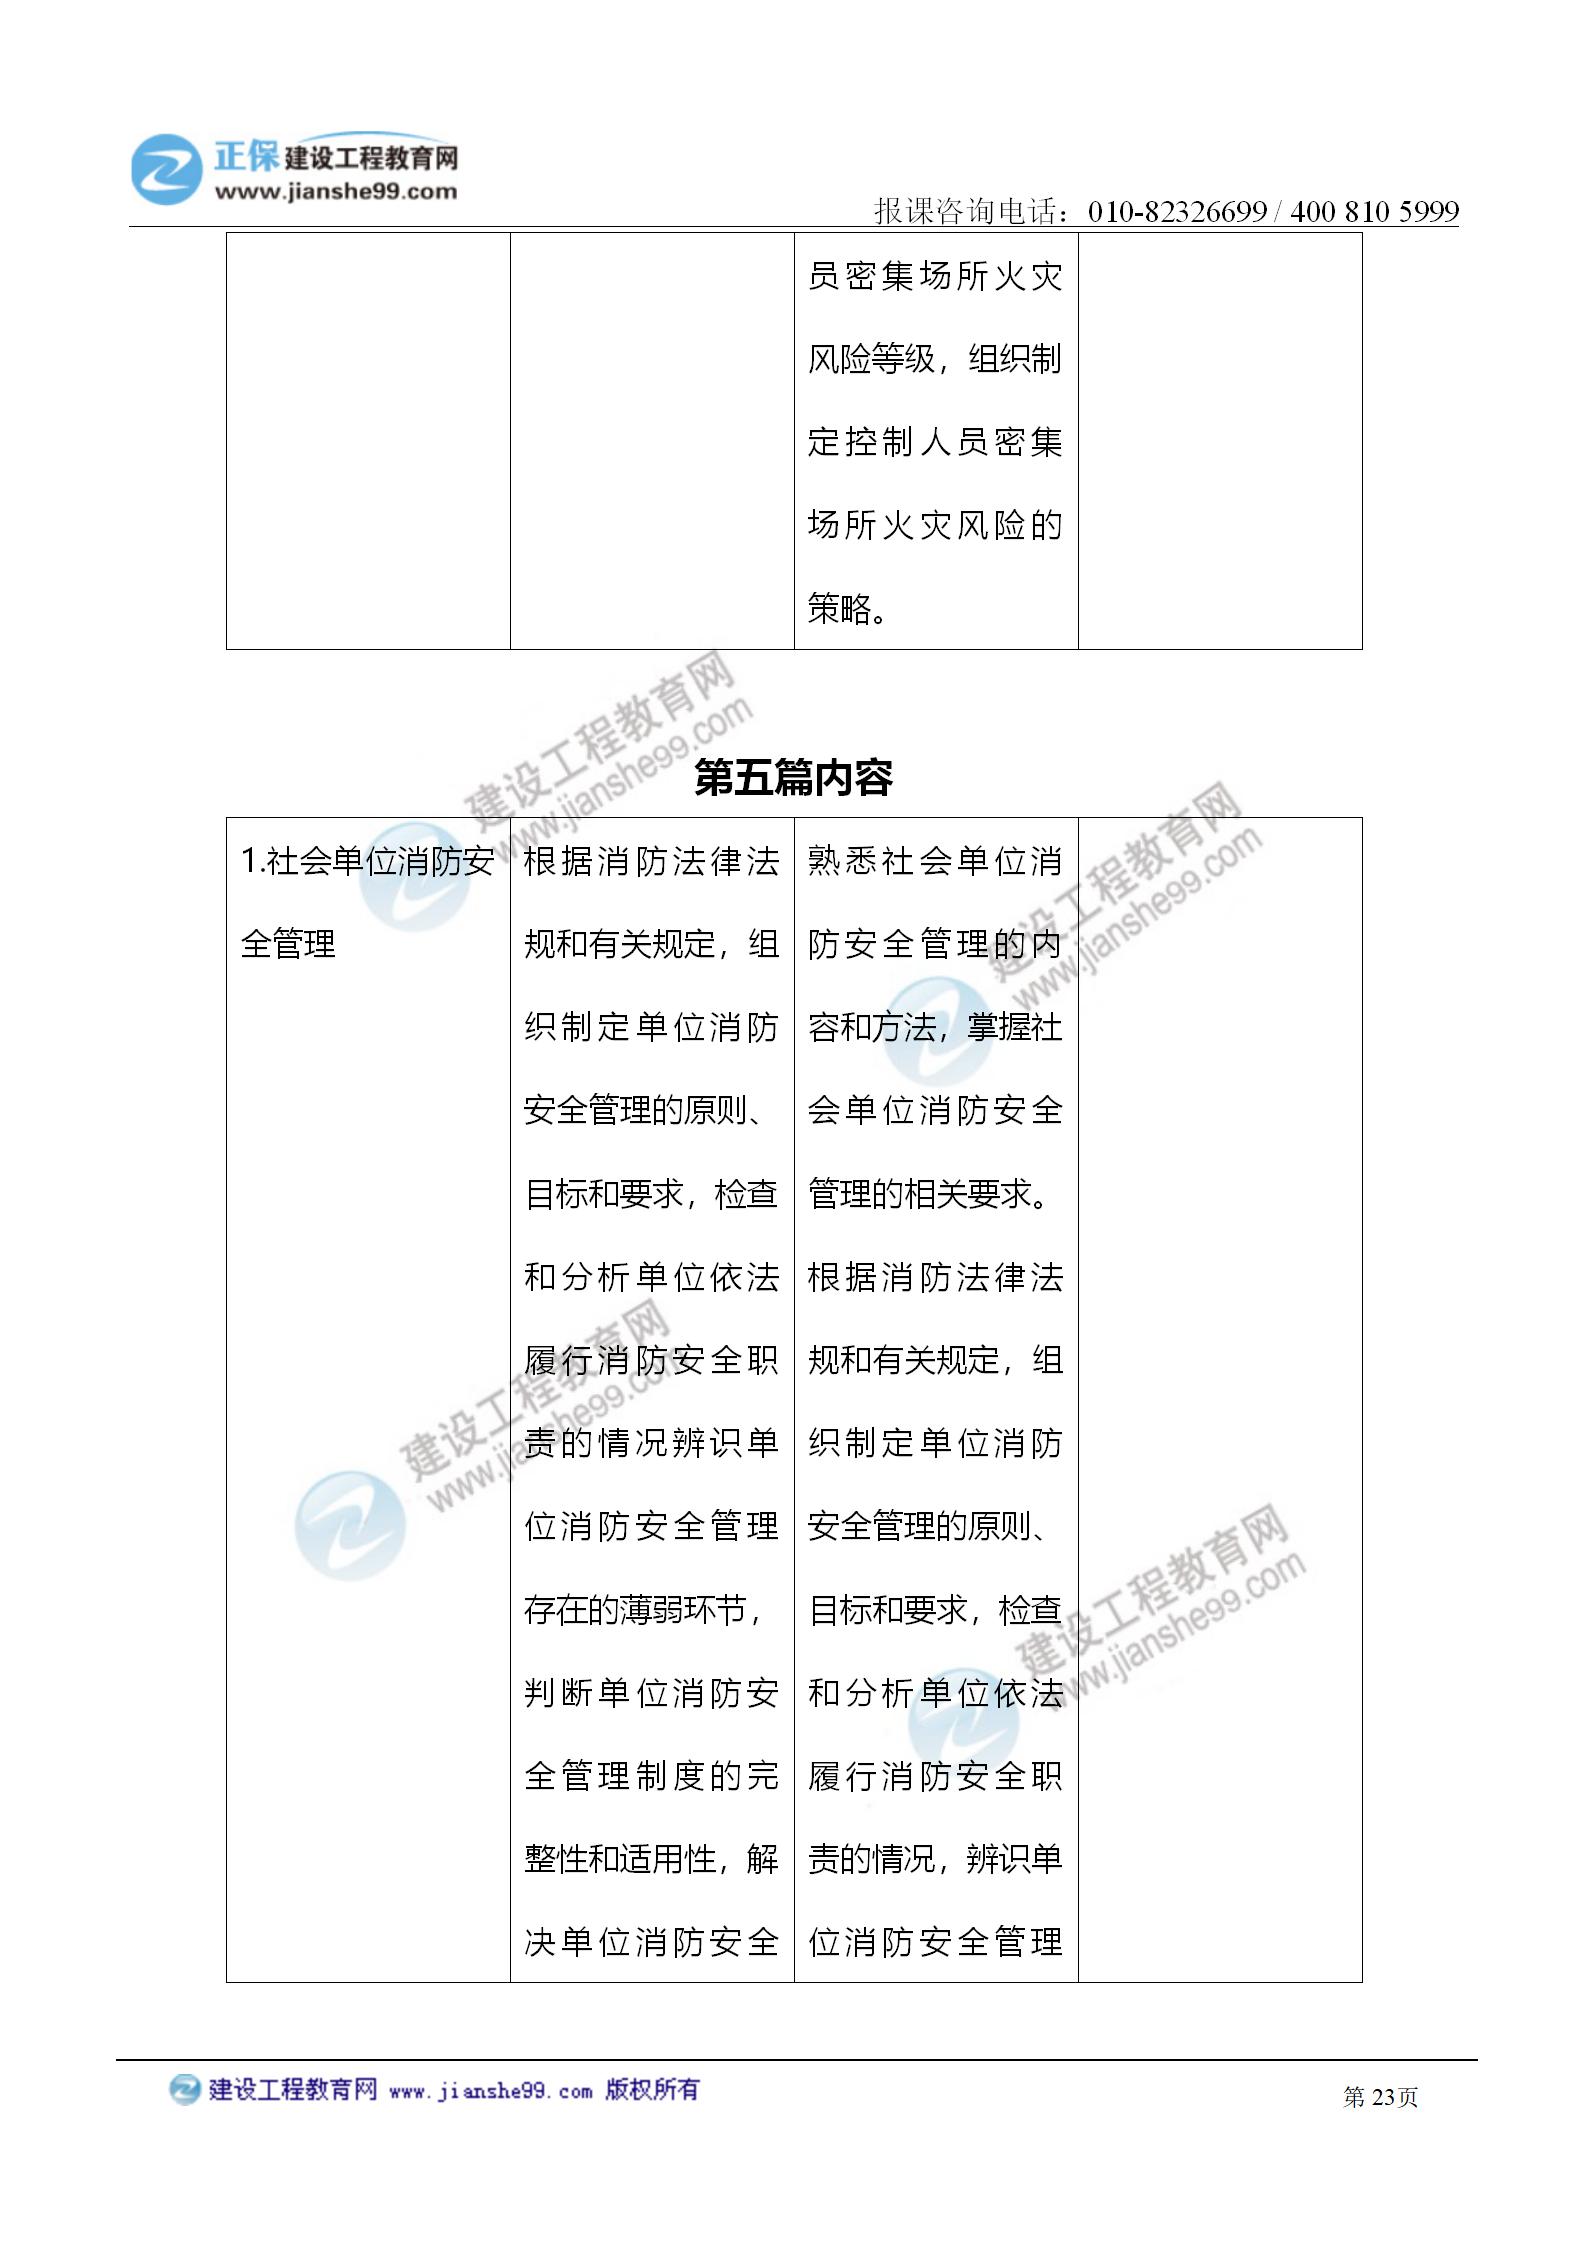 2021注册消防工程师《综合能力》考试大纲变化情况_23